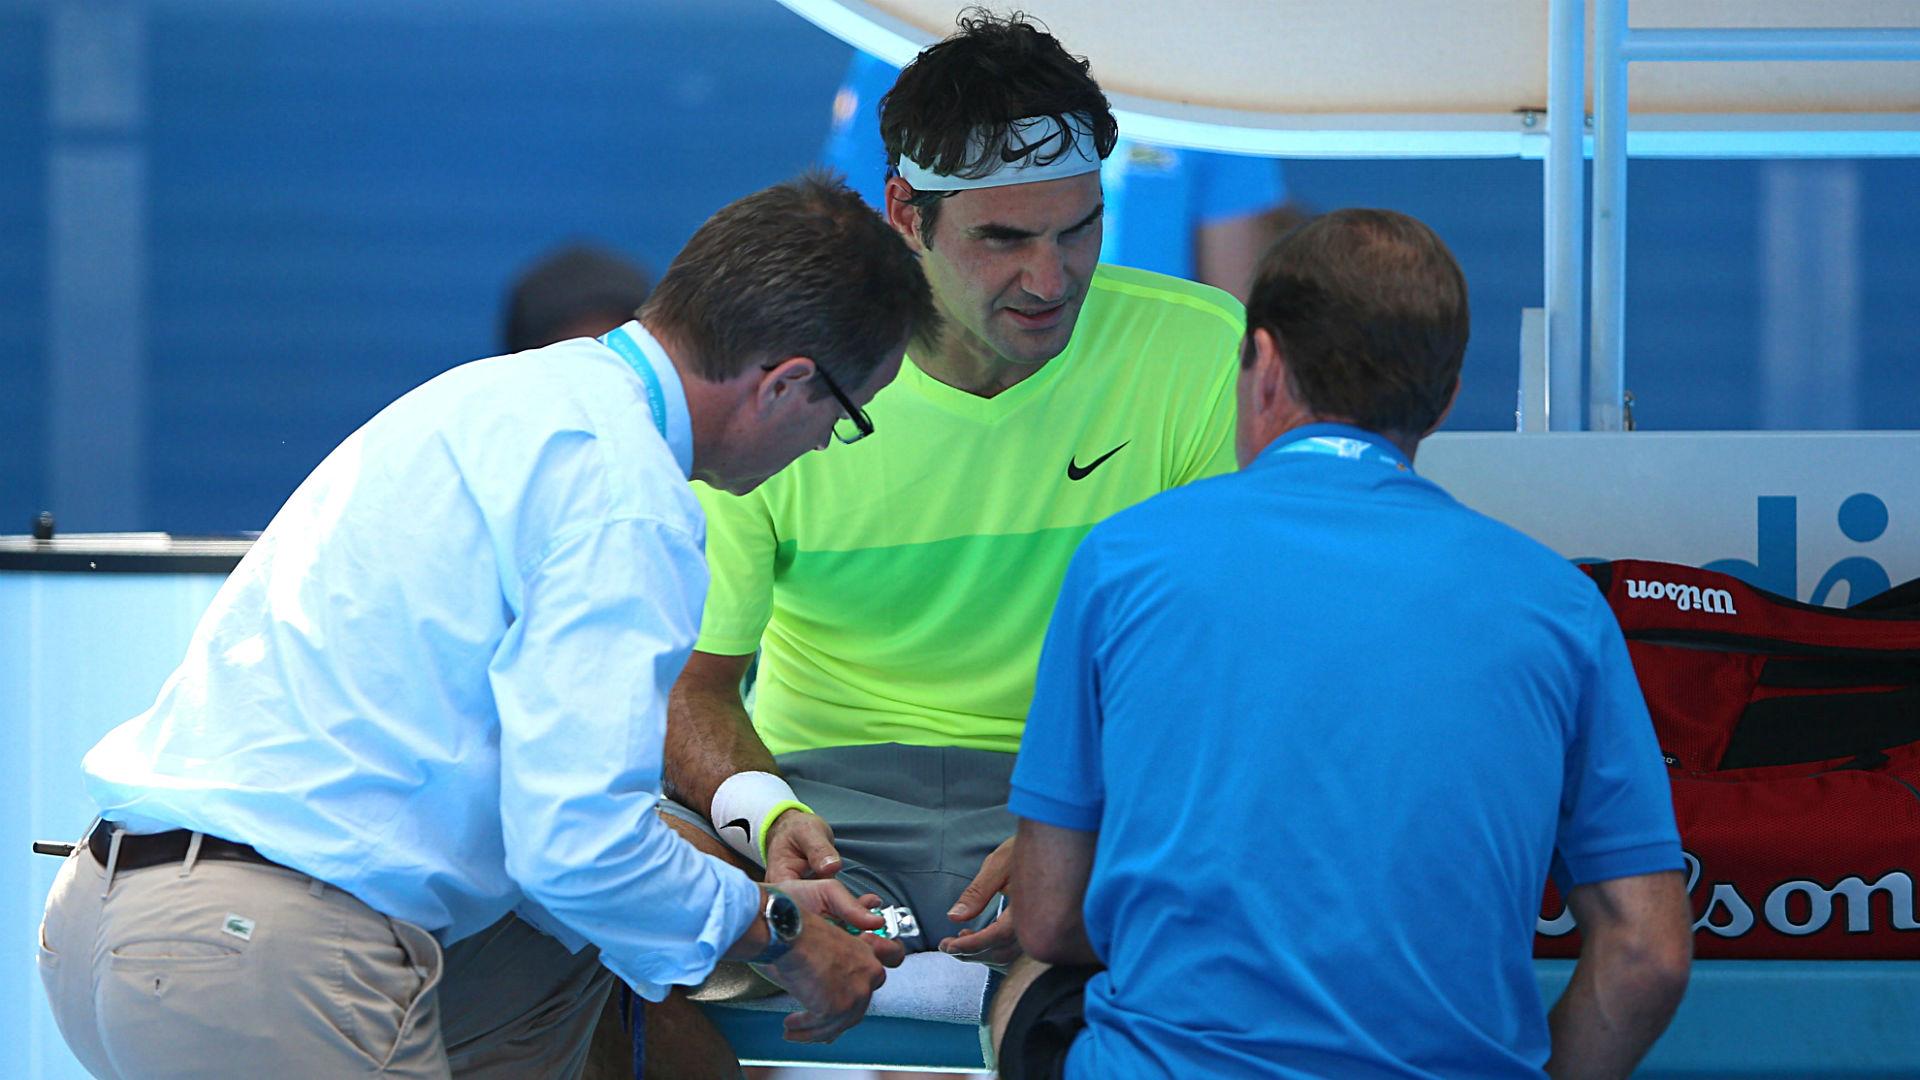 Roger-Federer-012115-Getty-FTR.jpg